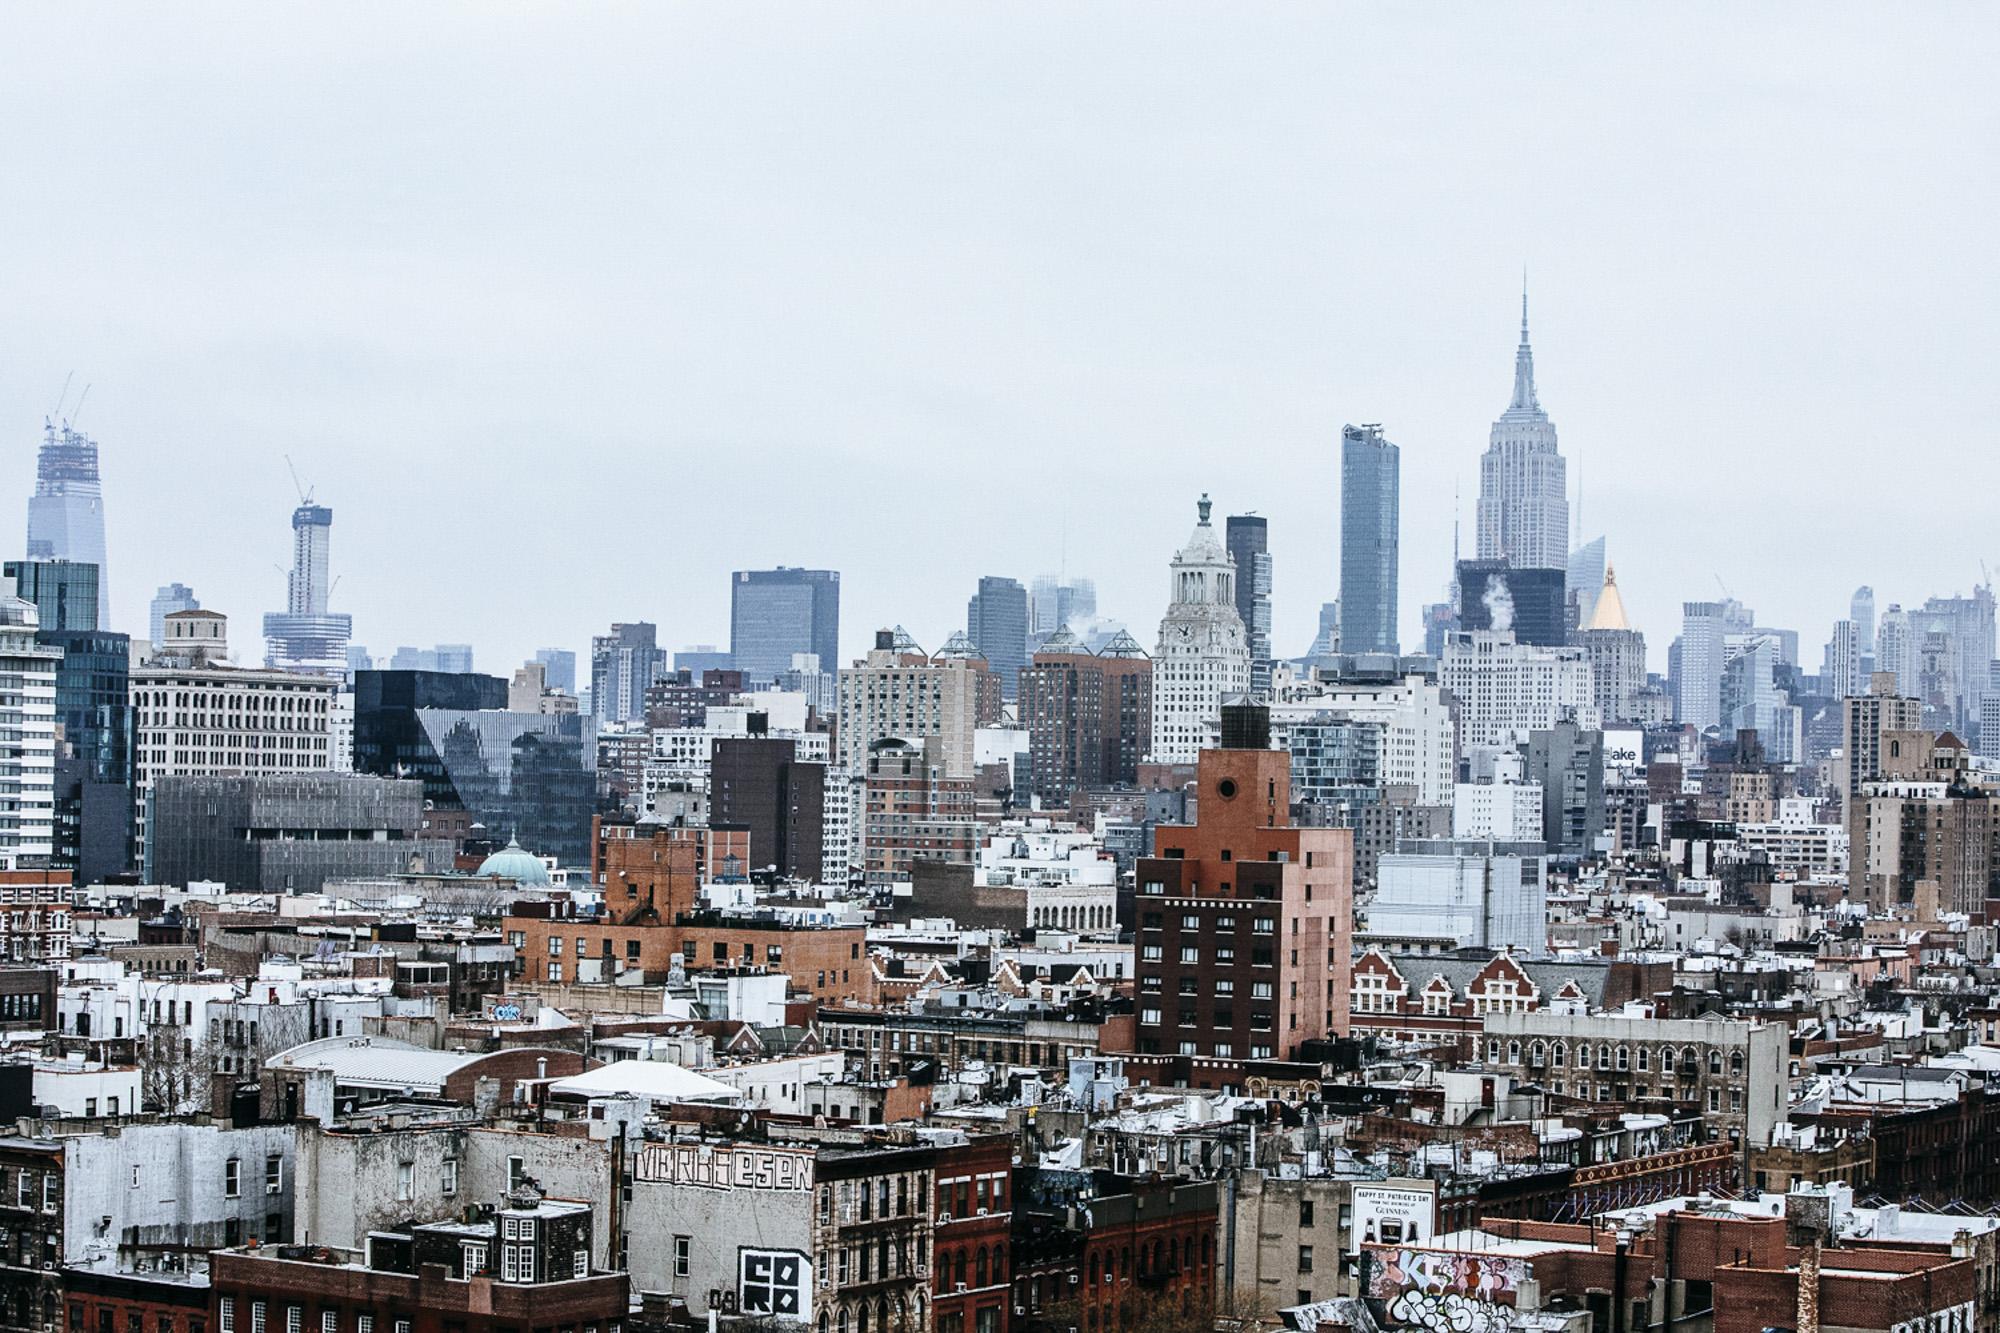 kyrani-kanavaros-new-york-photography-34.jpg